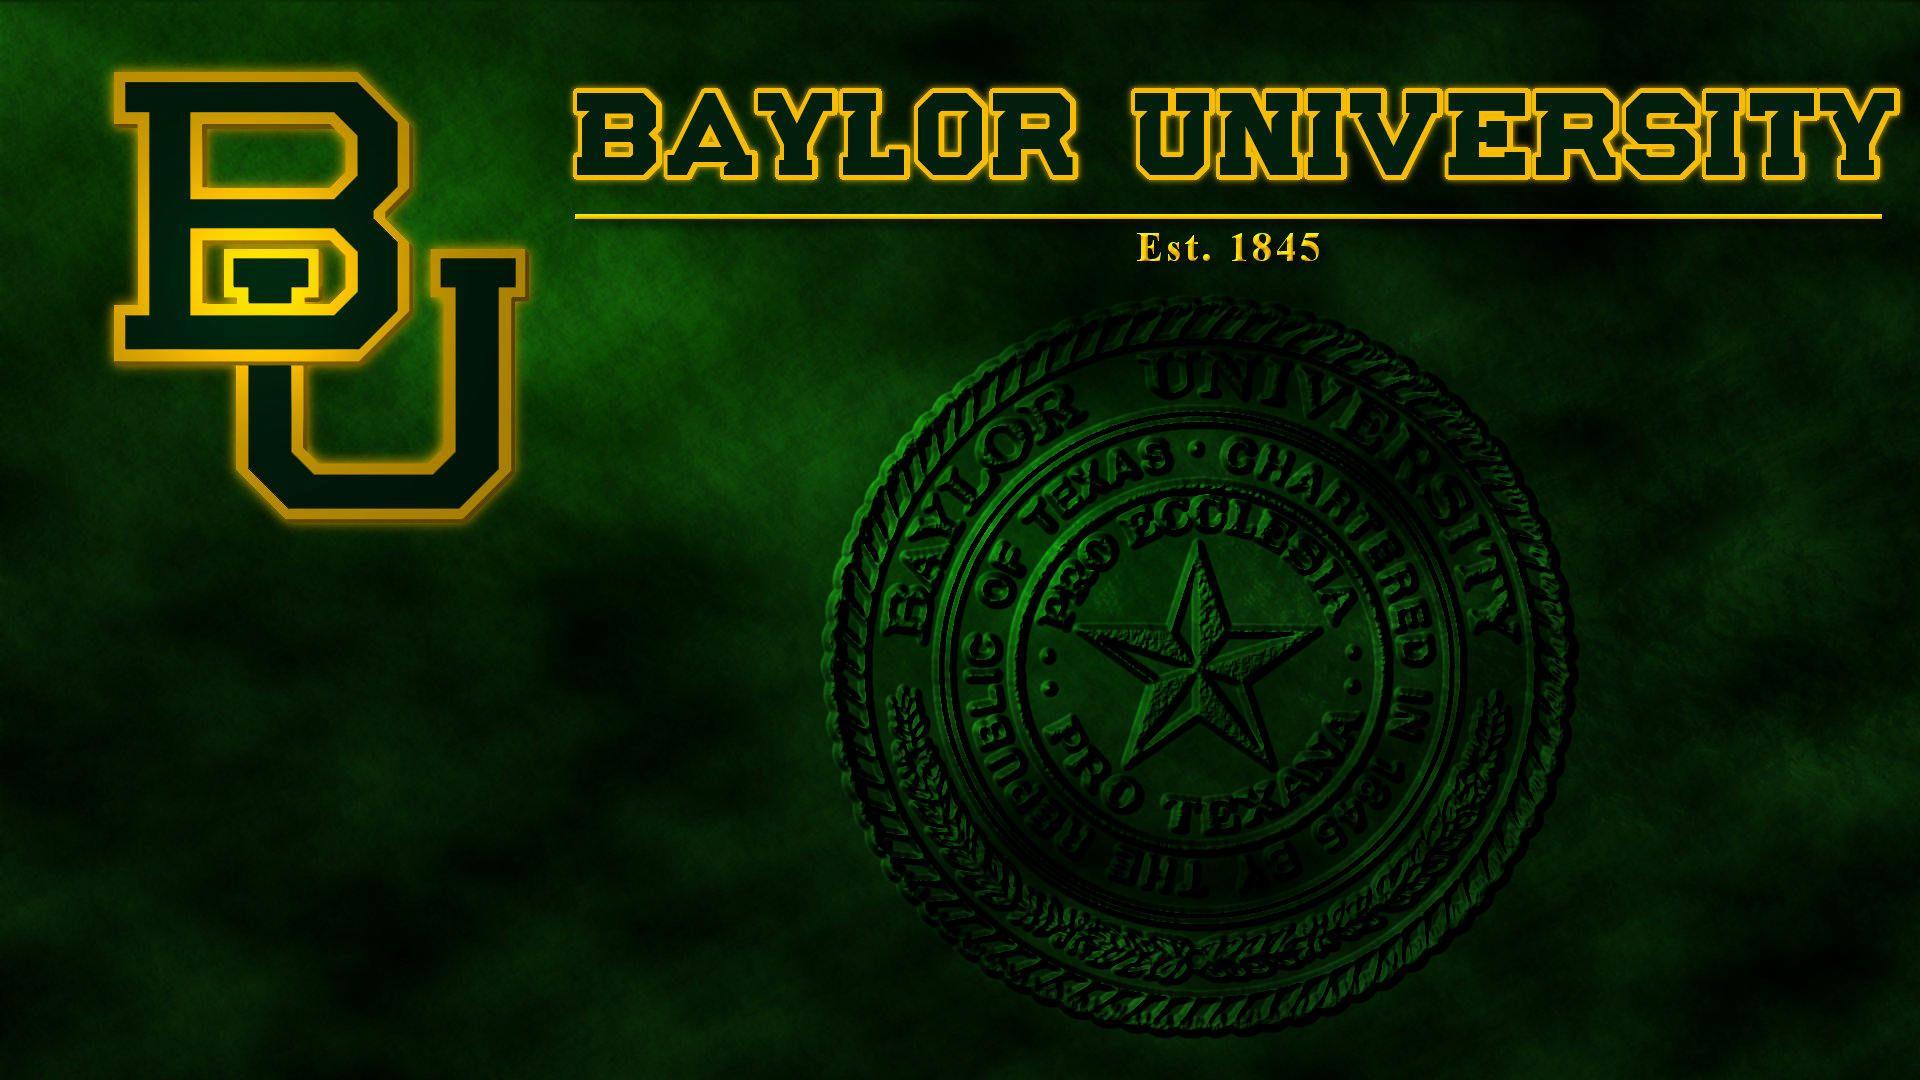 Baylor University Desktop Wallpaper   Baylor, Wallpaper ...